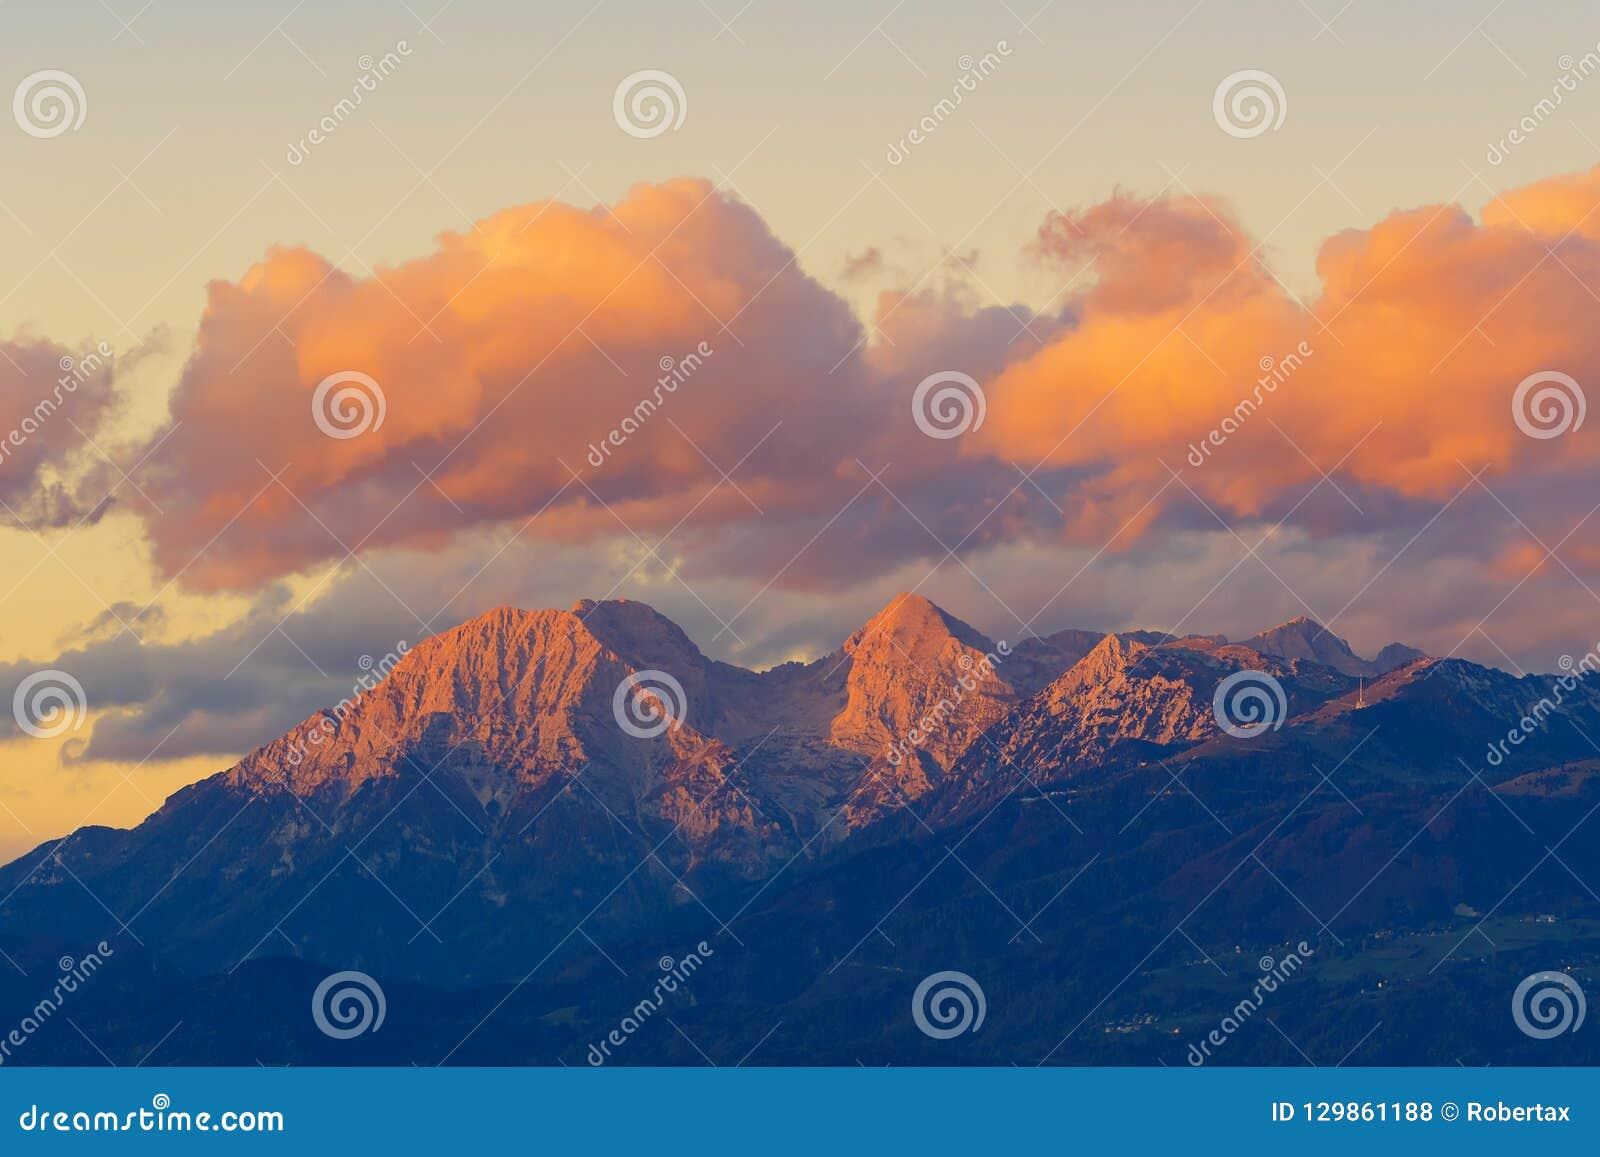 Gorgeous view of Karawanks mountain range at sunset